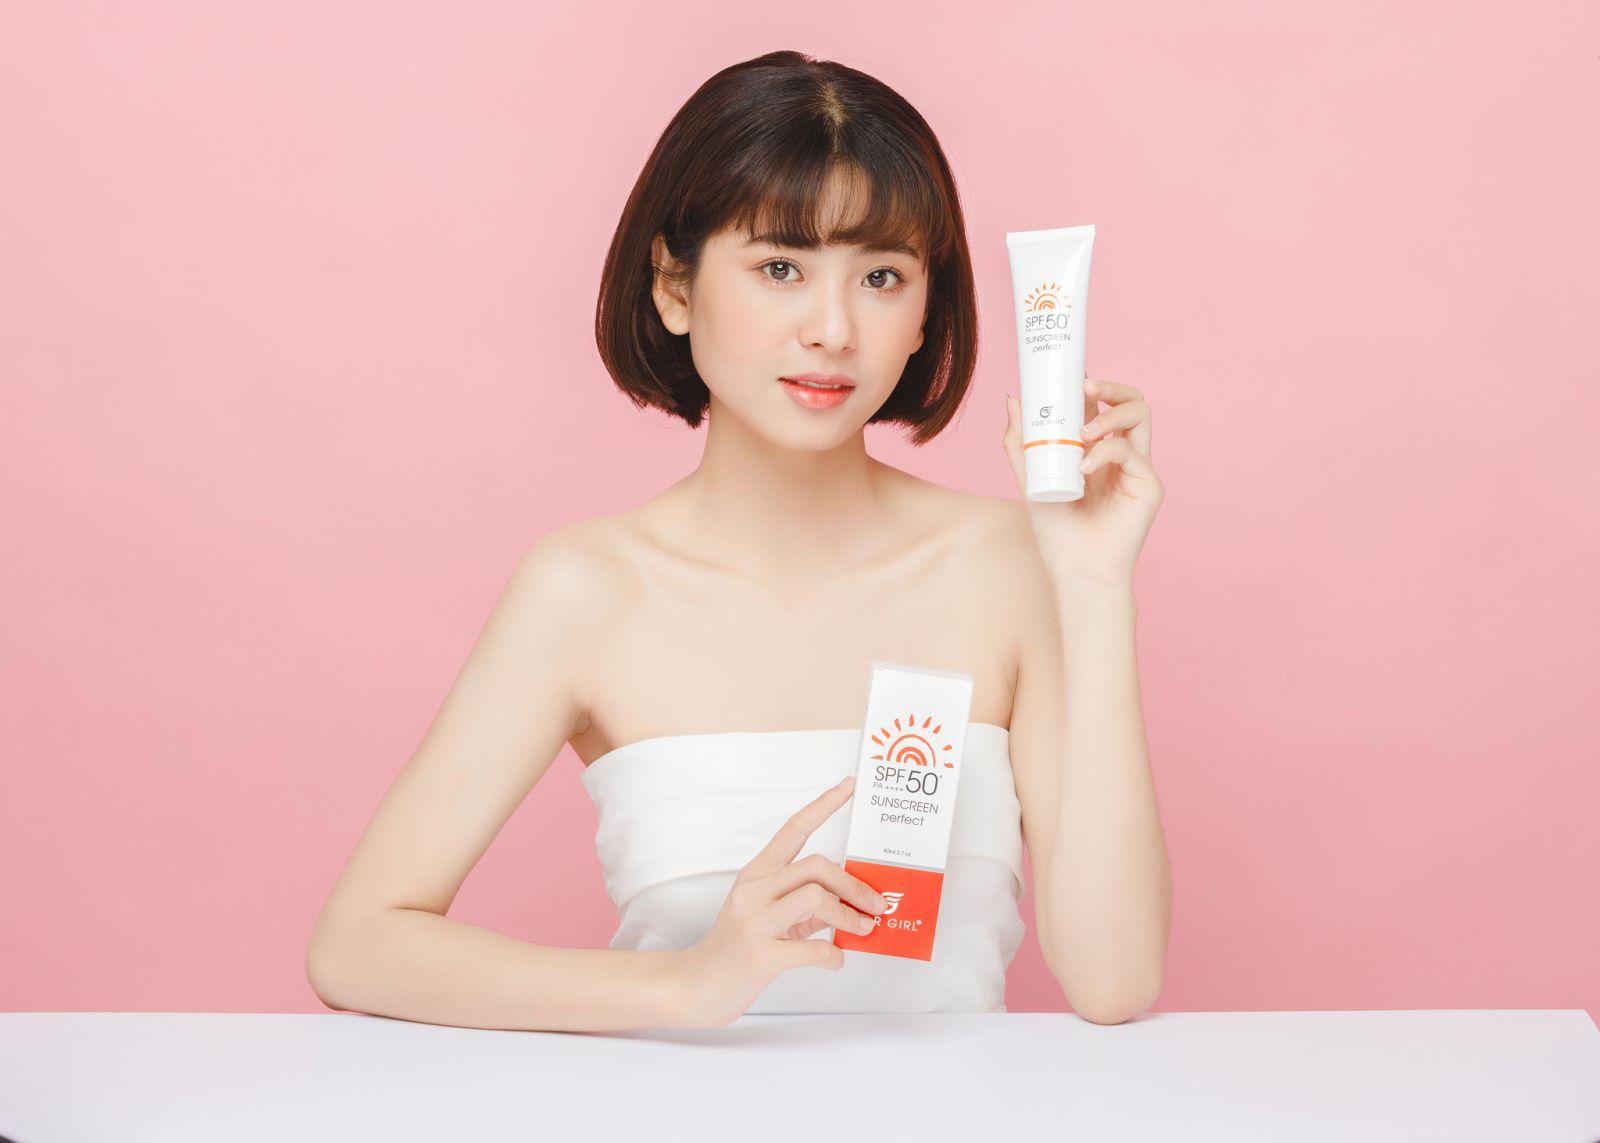 sunscreen for girl